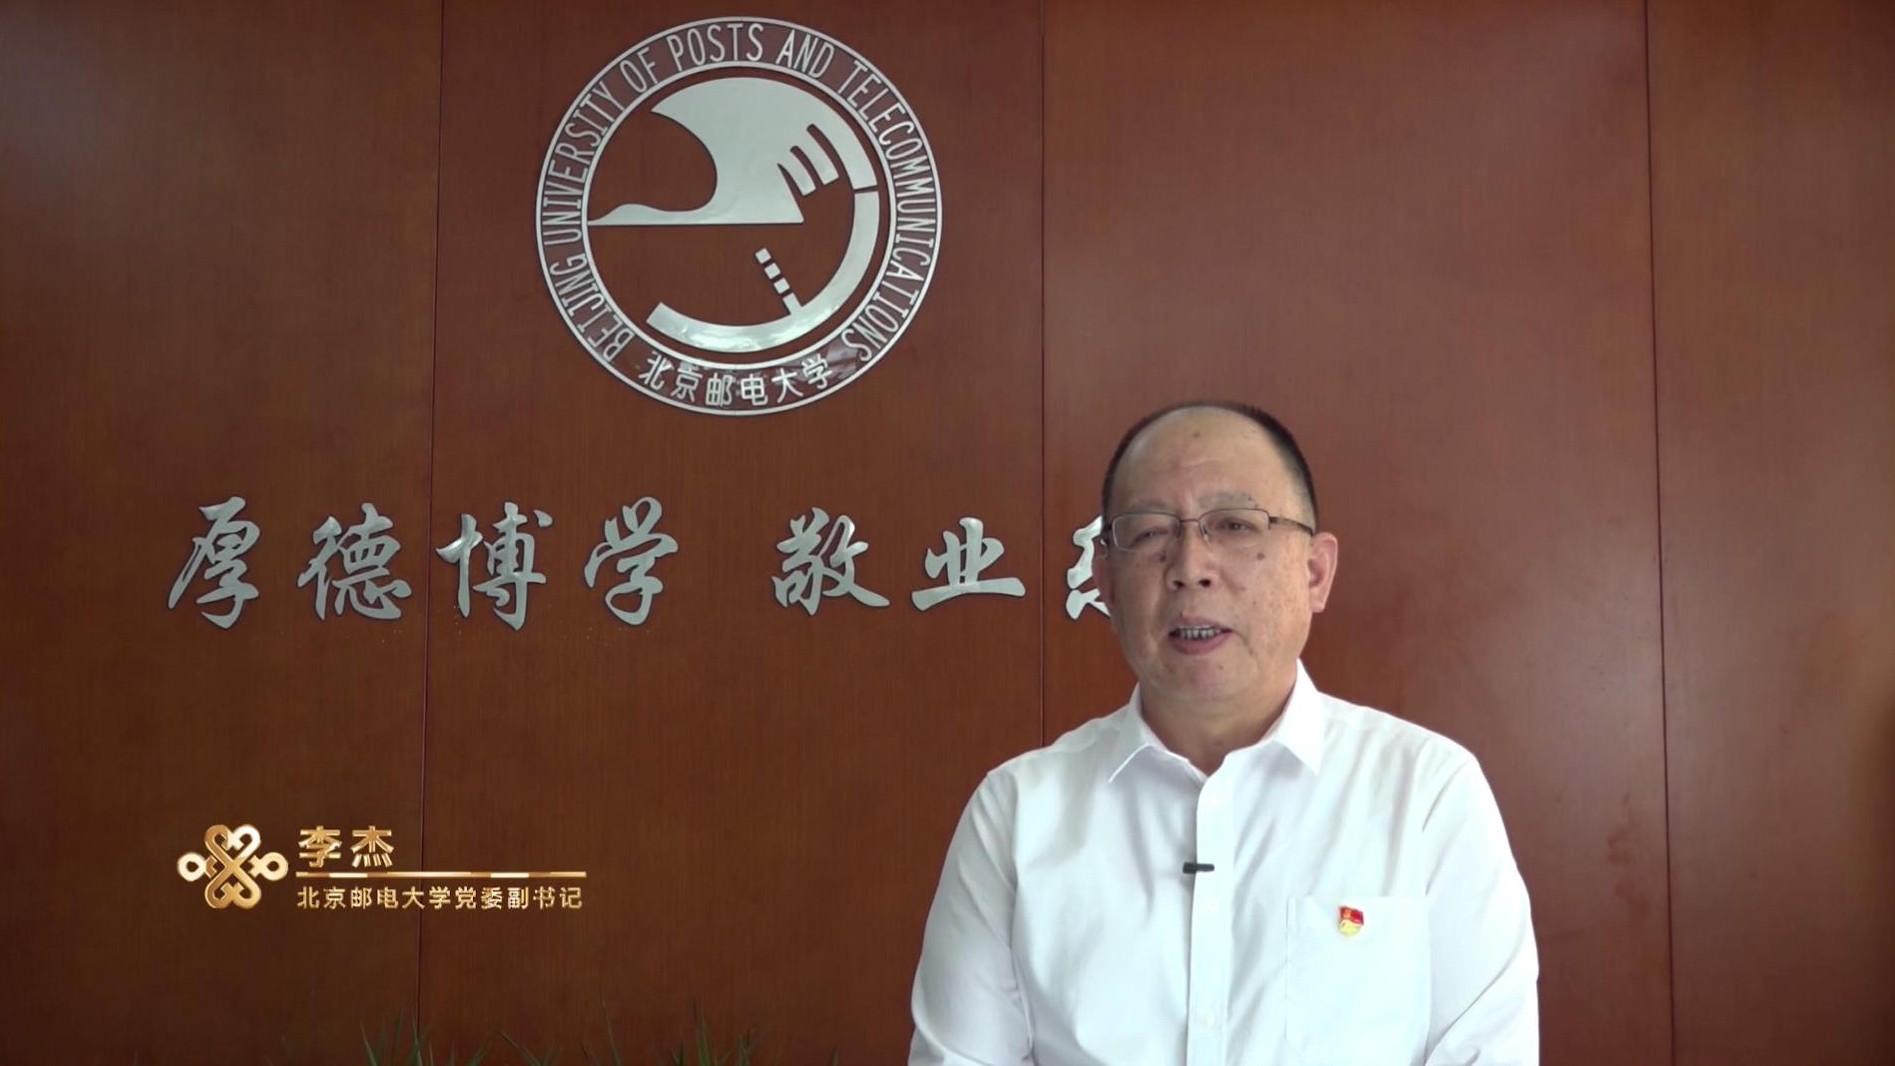 北京邮电大学副书记李杰致辞